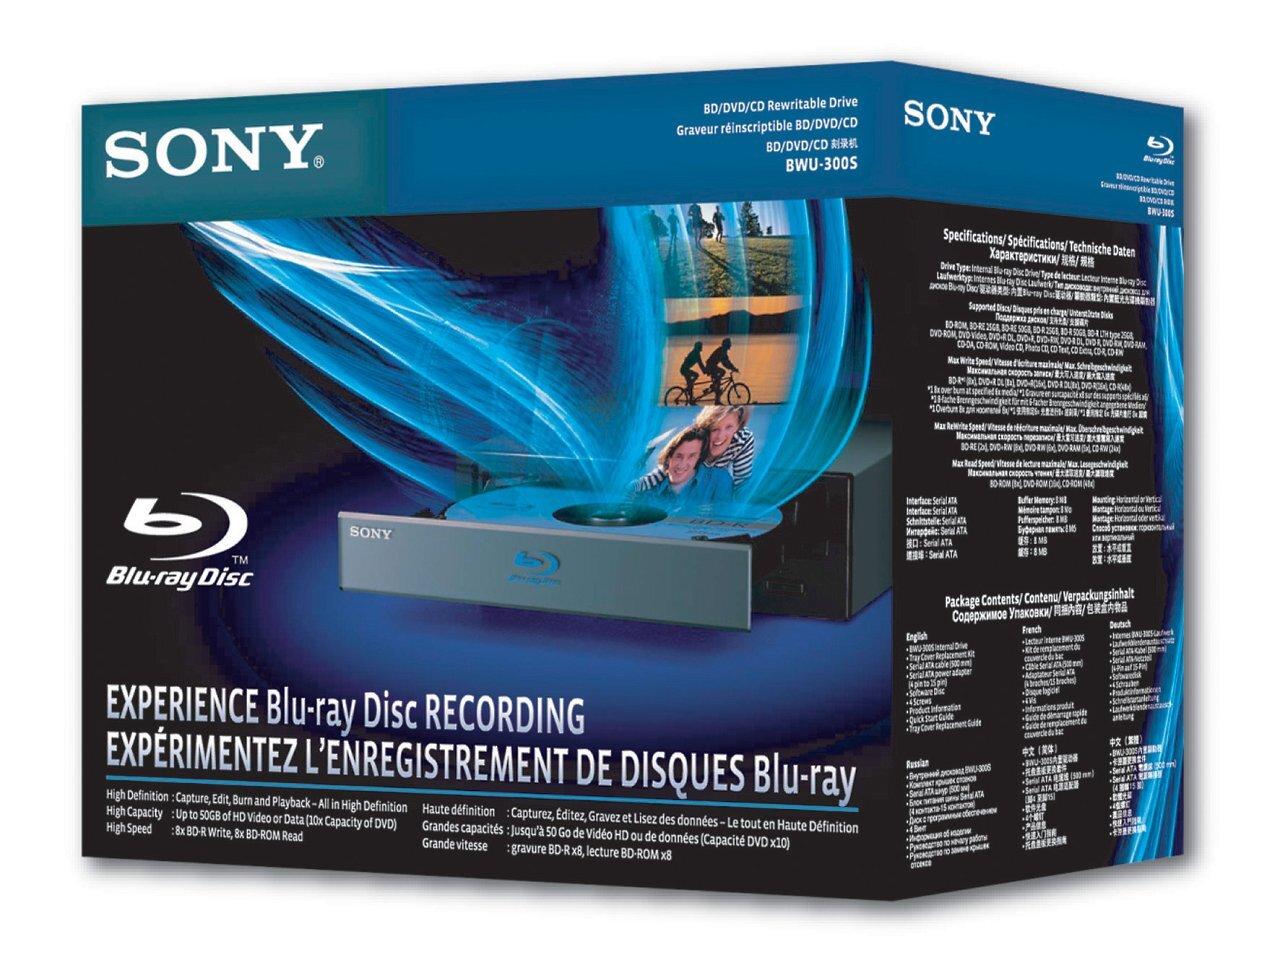 le graveur blu ray sony bwu 300s arrive en europe pour 295. Black Bedroom Furniture Sets. Home Design Ideas